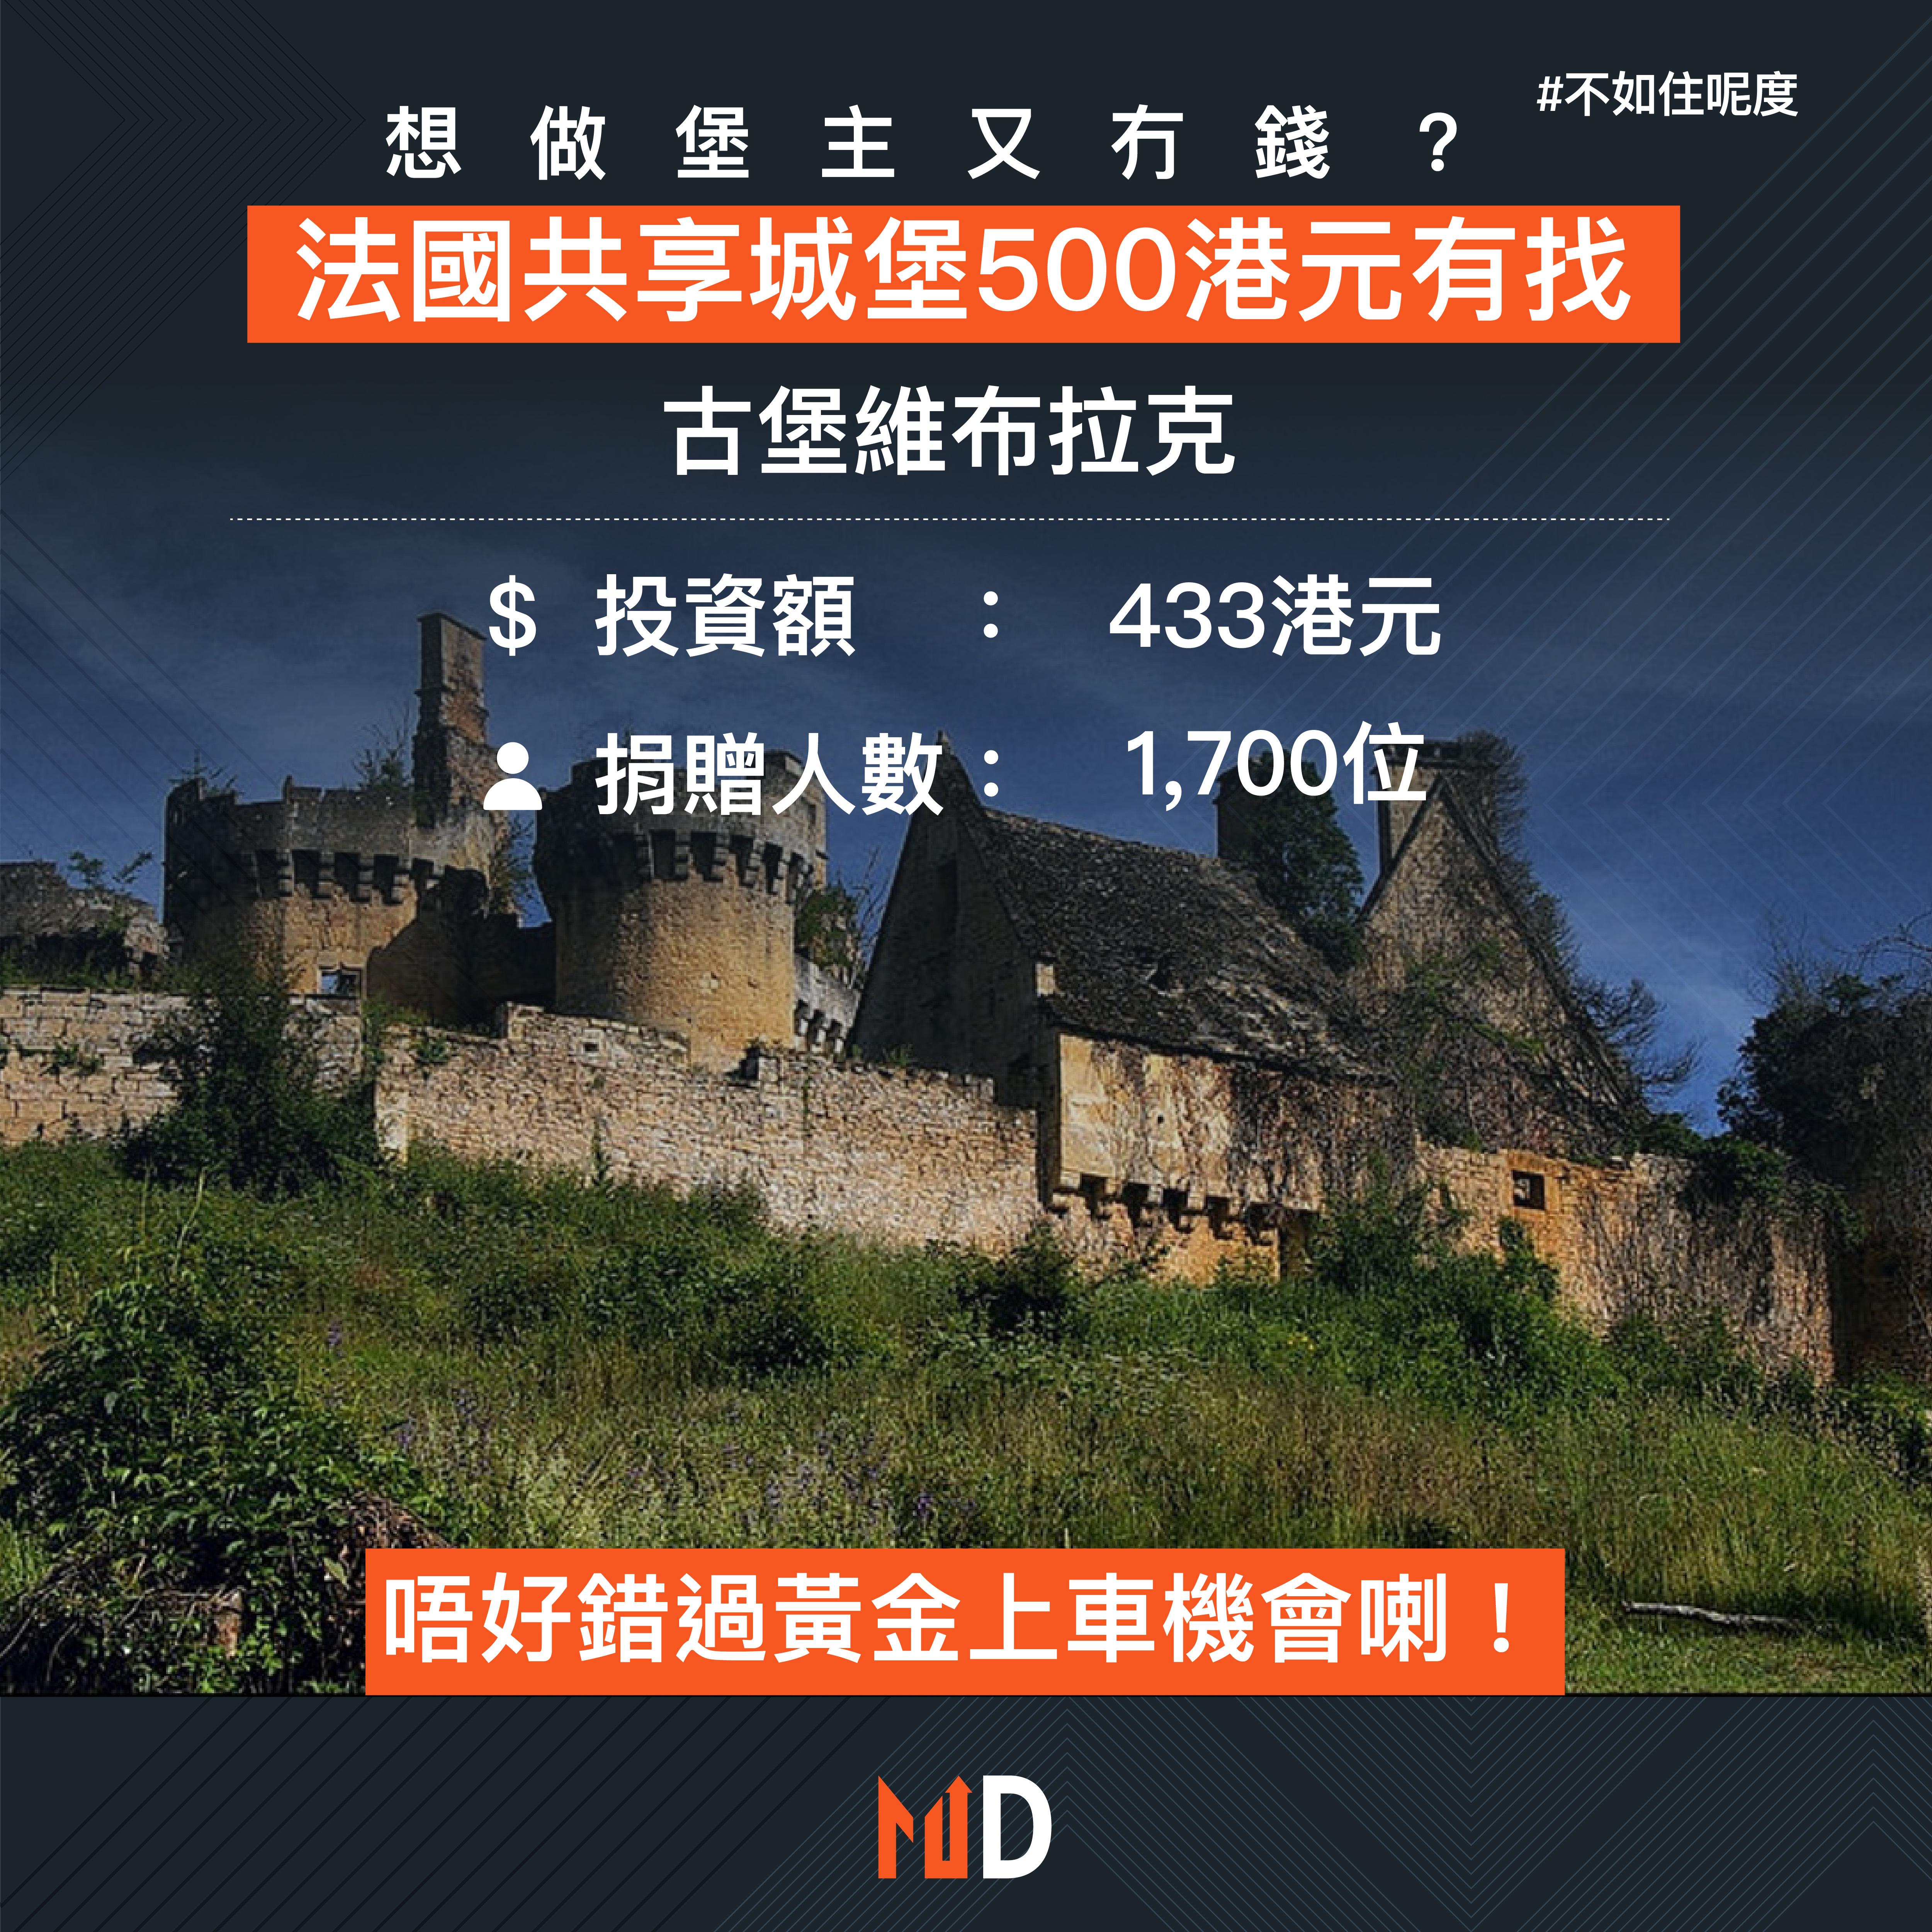 【不如住呢度】想做堡主又冇錢? 法國共享城堡500港元有找